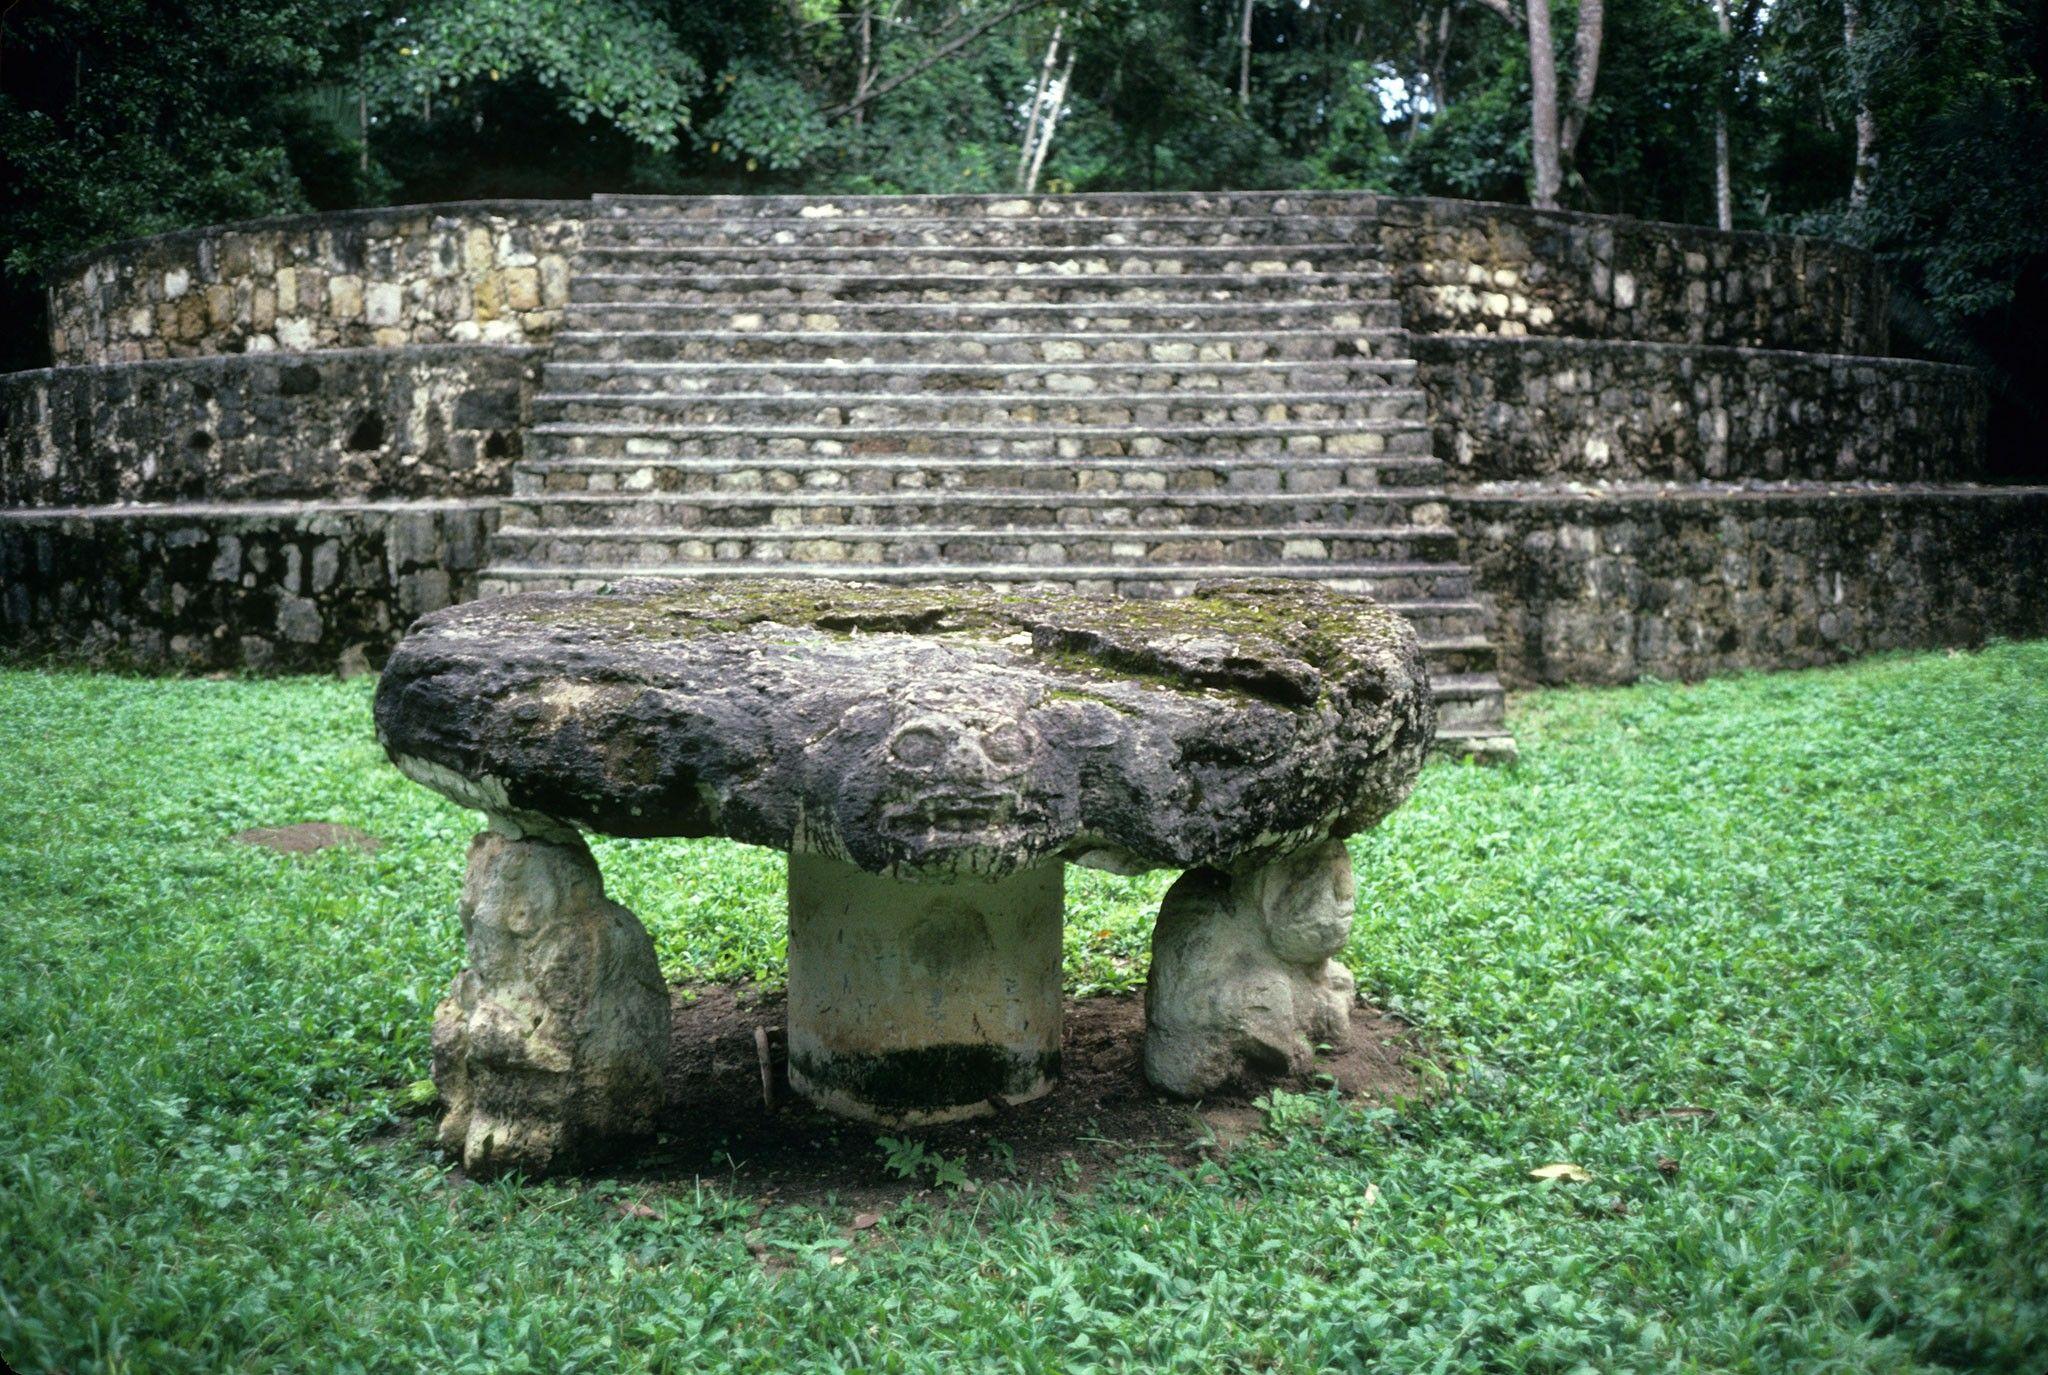 Comércio de cães maia data de 2,4 mil anos atrás | National Geographic